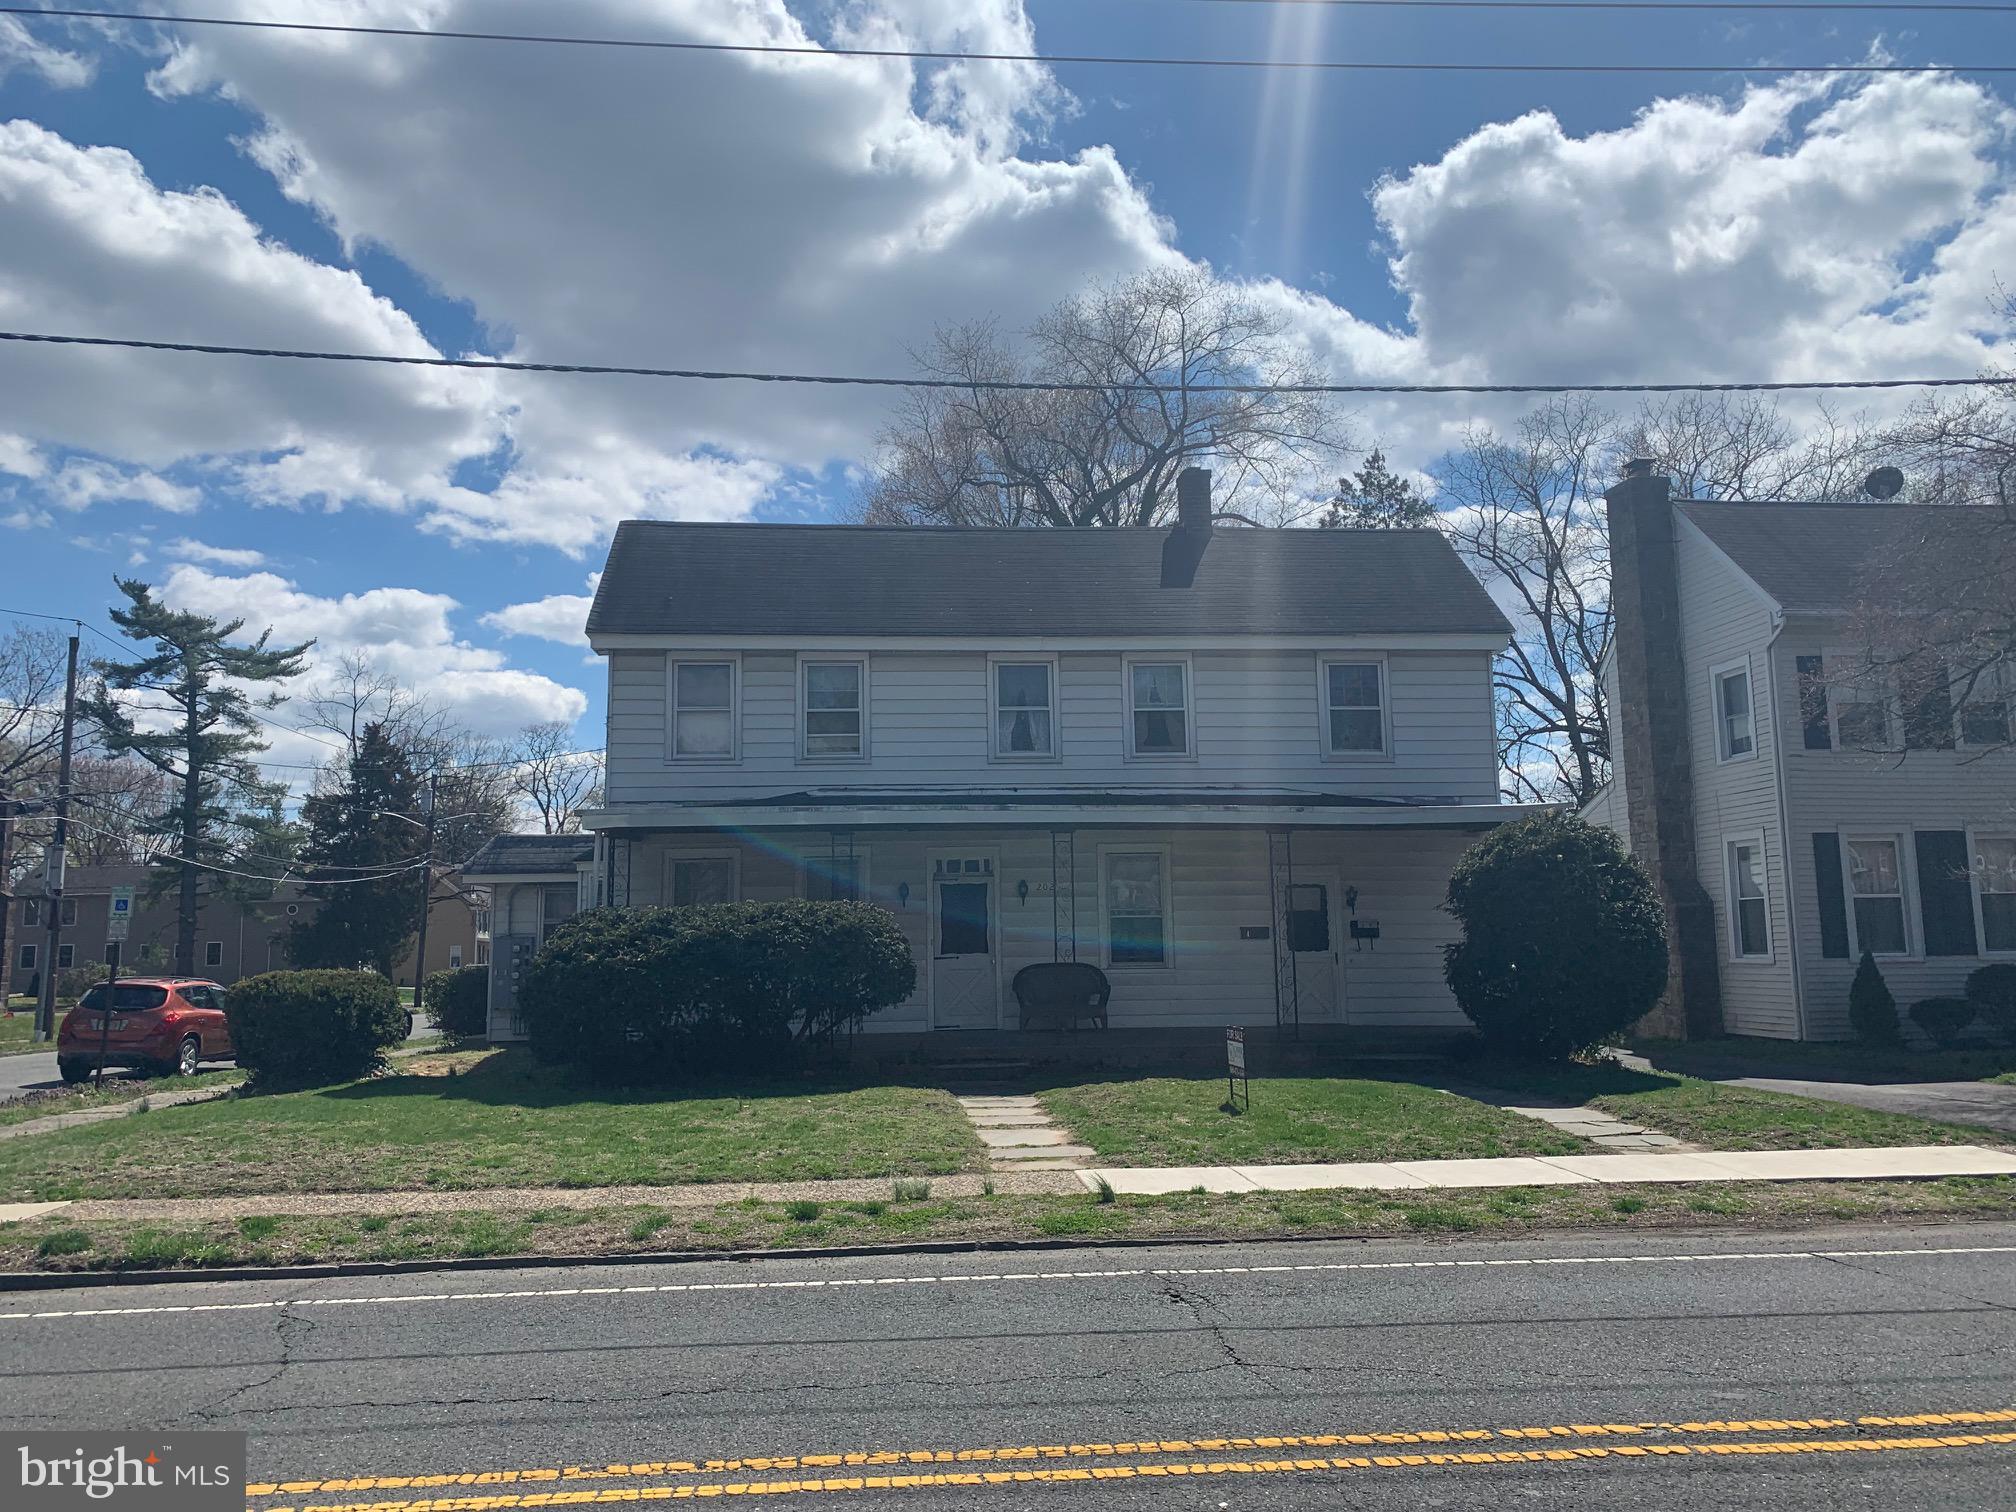 202 WARREN STREET, BEVERLY, NJ 08010